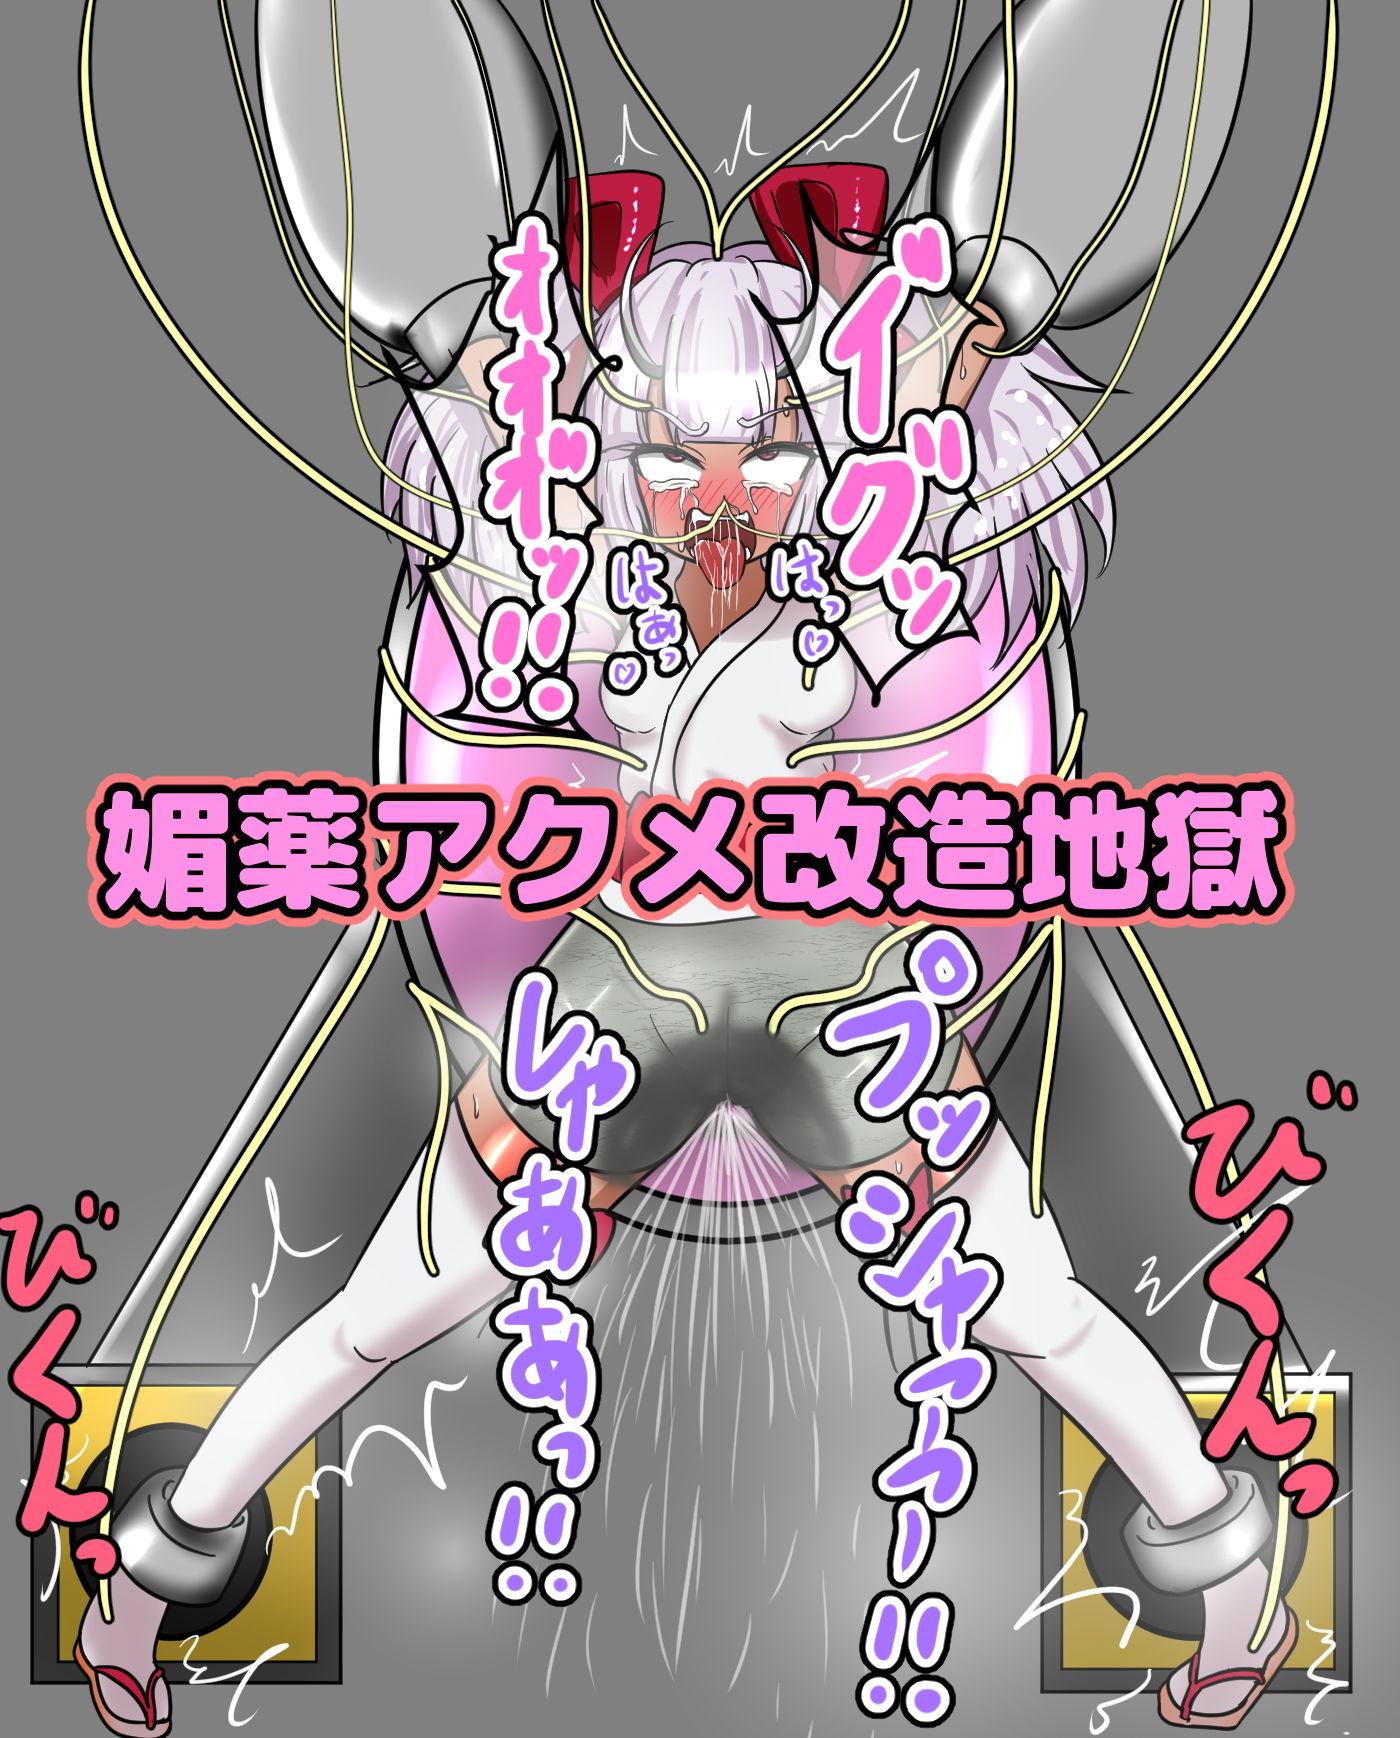 【電 同人】鬼娘ロリババア監禁調教羞恥ライブ配信!